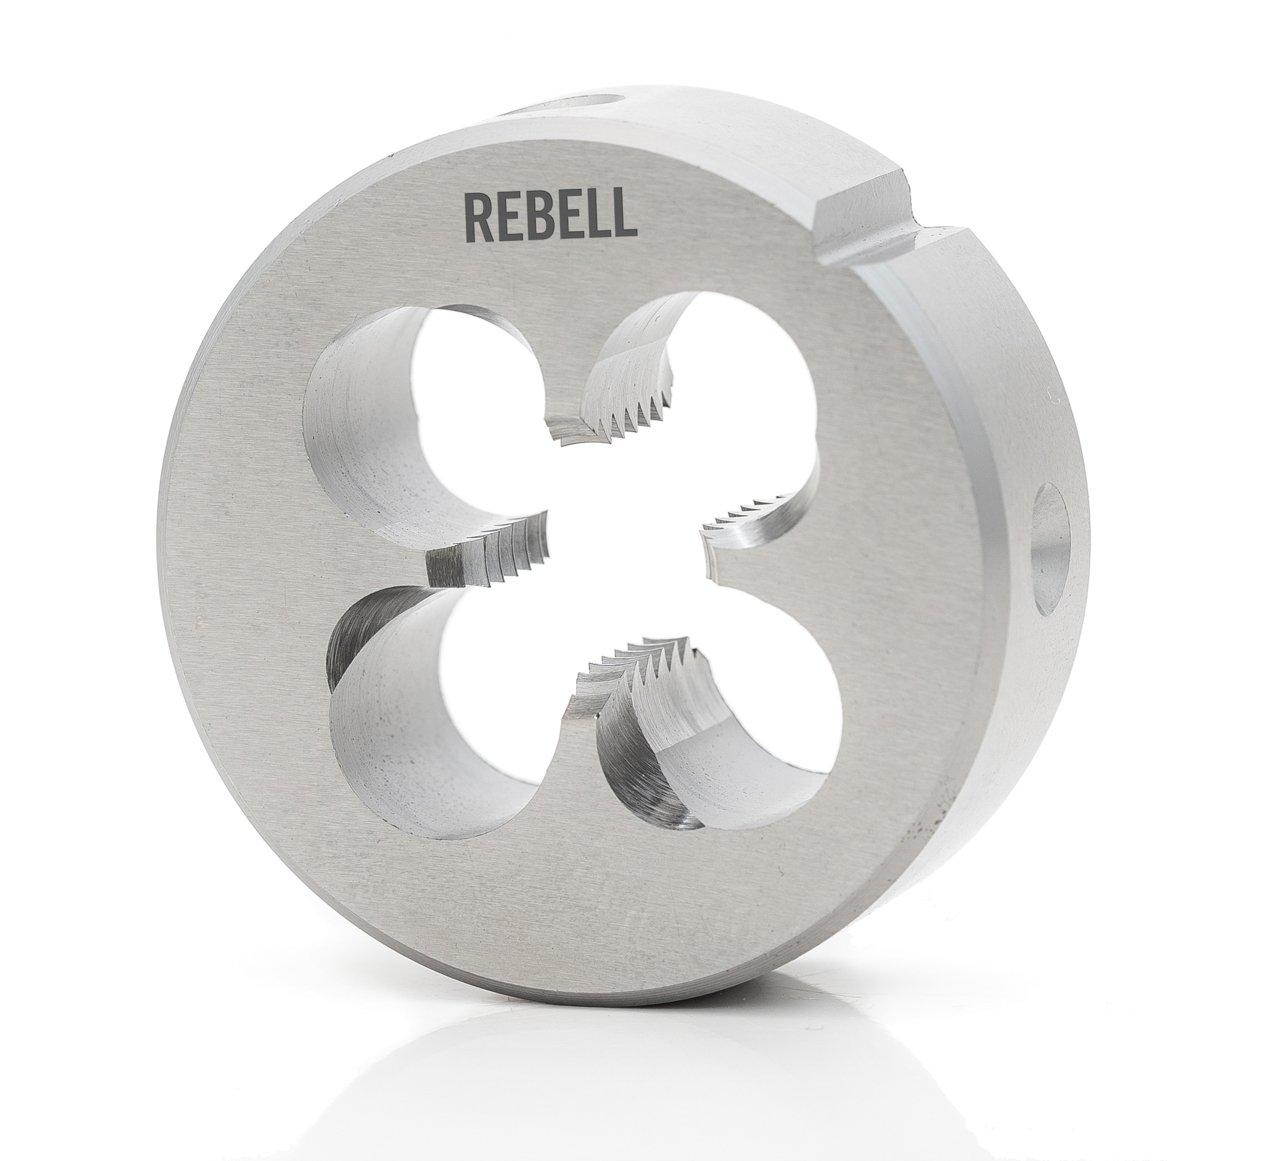 REBELL Schneideisen M RH 6g HSS geläppt - EN 22568 - Typ MS